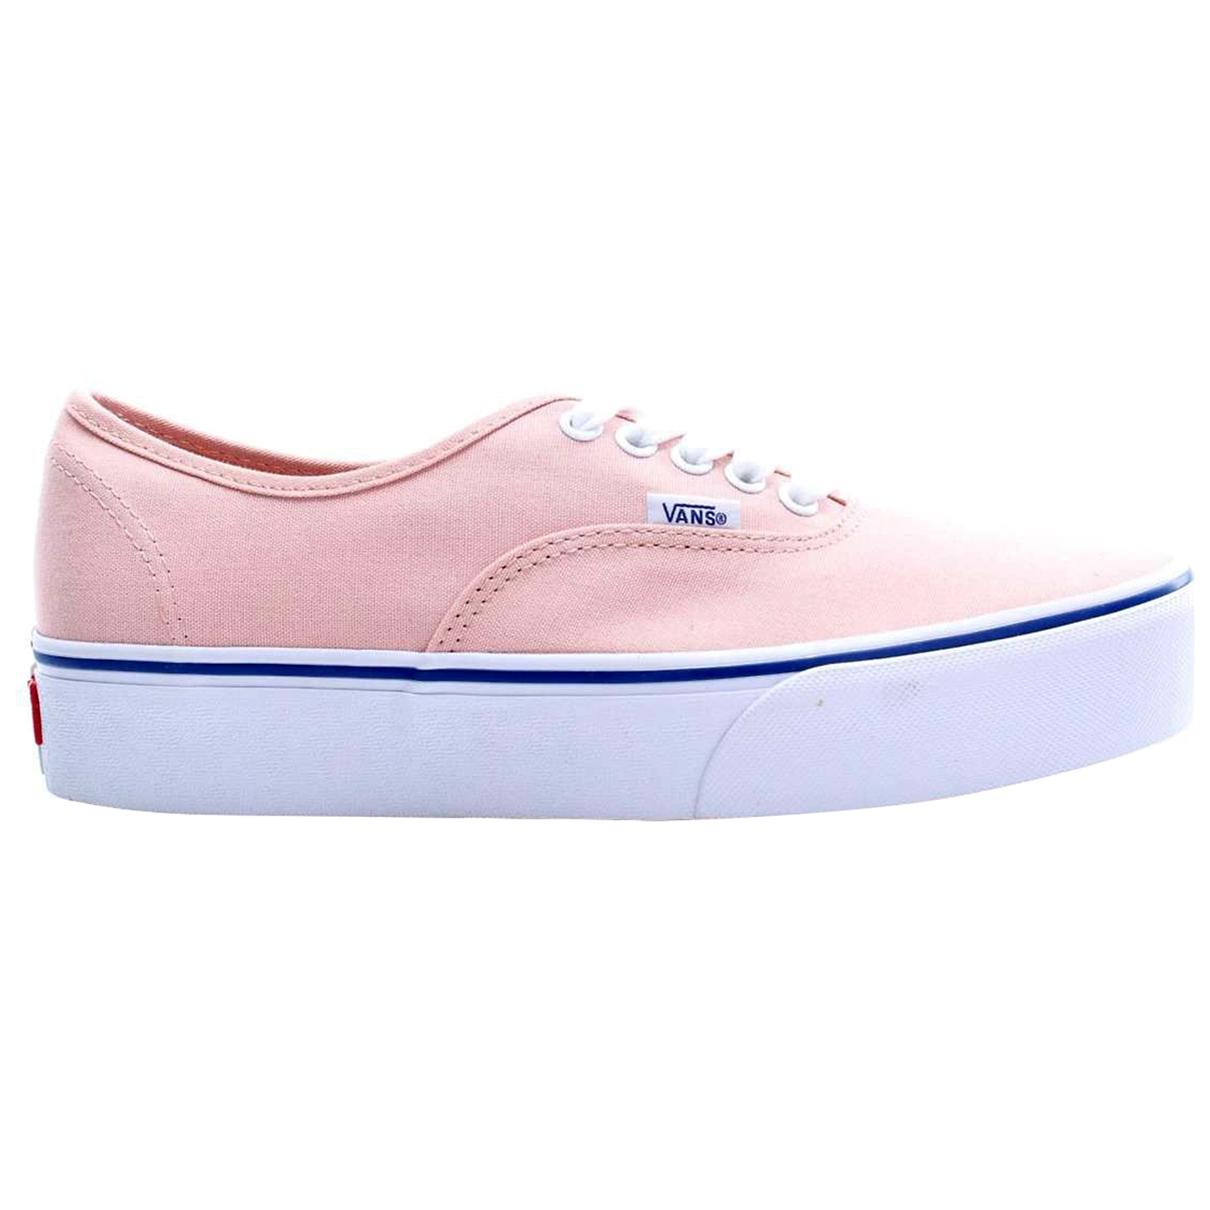 Vans - Baskets   pour femme en toile - rose